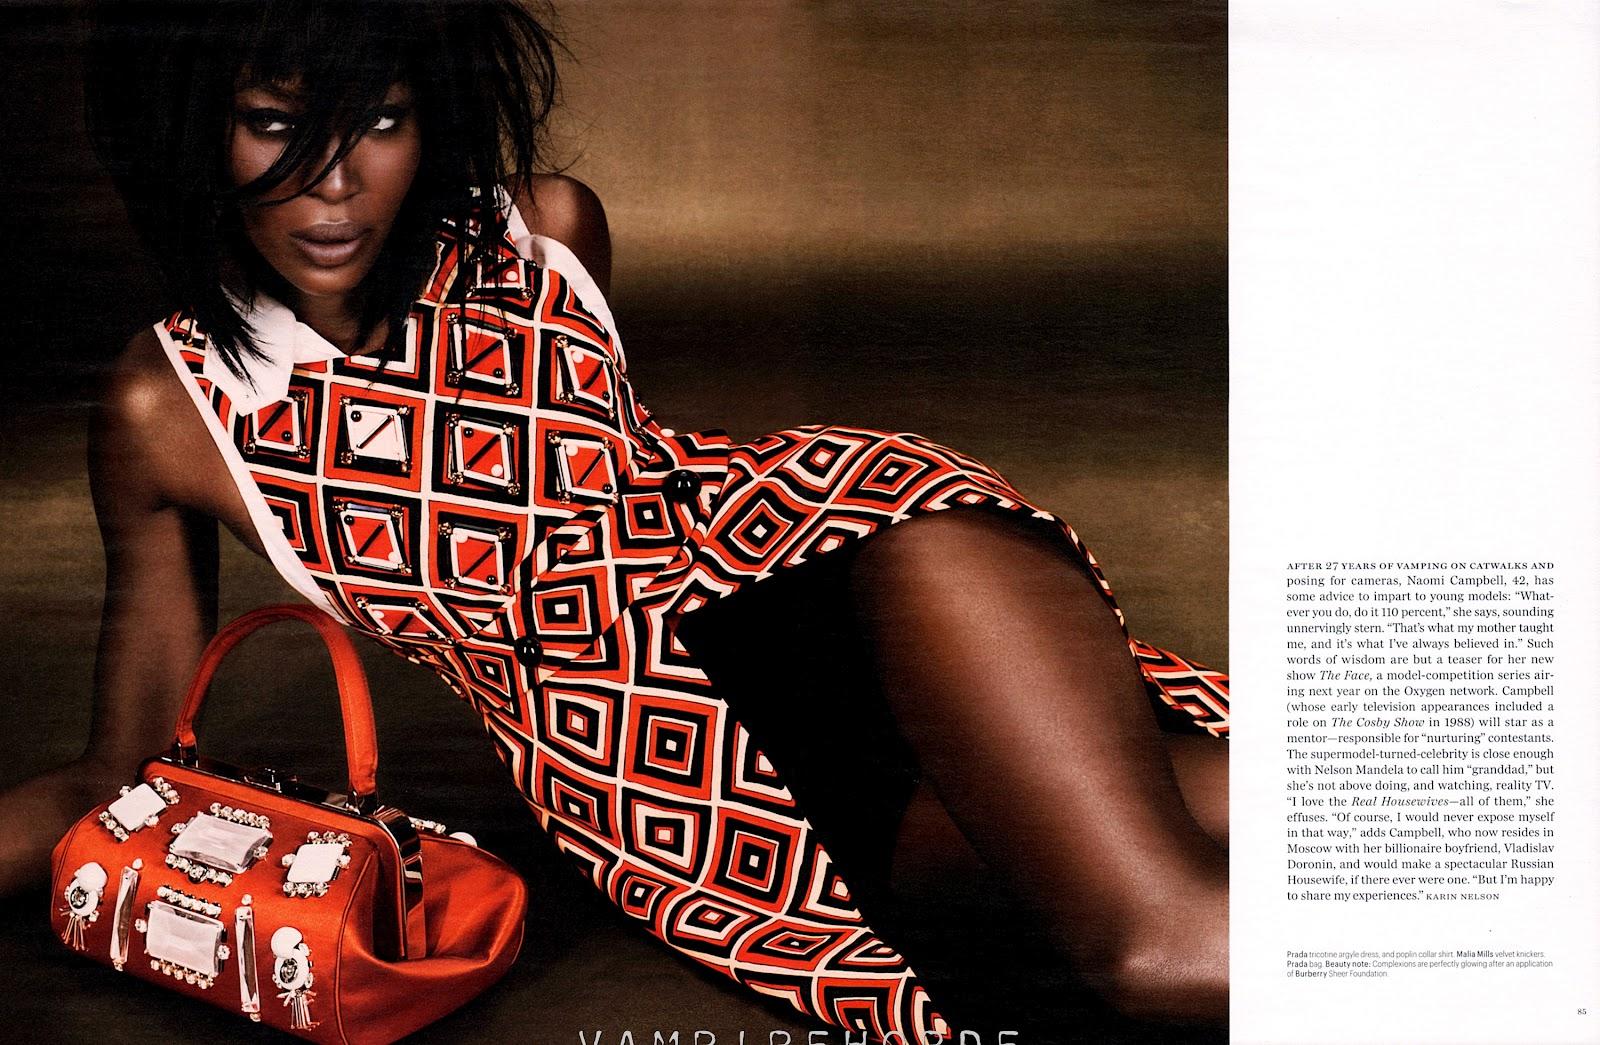 http://2.bp.blogspot.com/-sDmcSFgw_es/T9_JcPVB9JI/AAAAAAAAEDo/J6pk4wkADDQ/s1600/fashion_editorisl-naomi_campbell-w-july_2012ciaafrique-hq-6.jpg